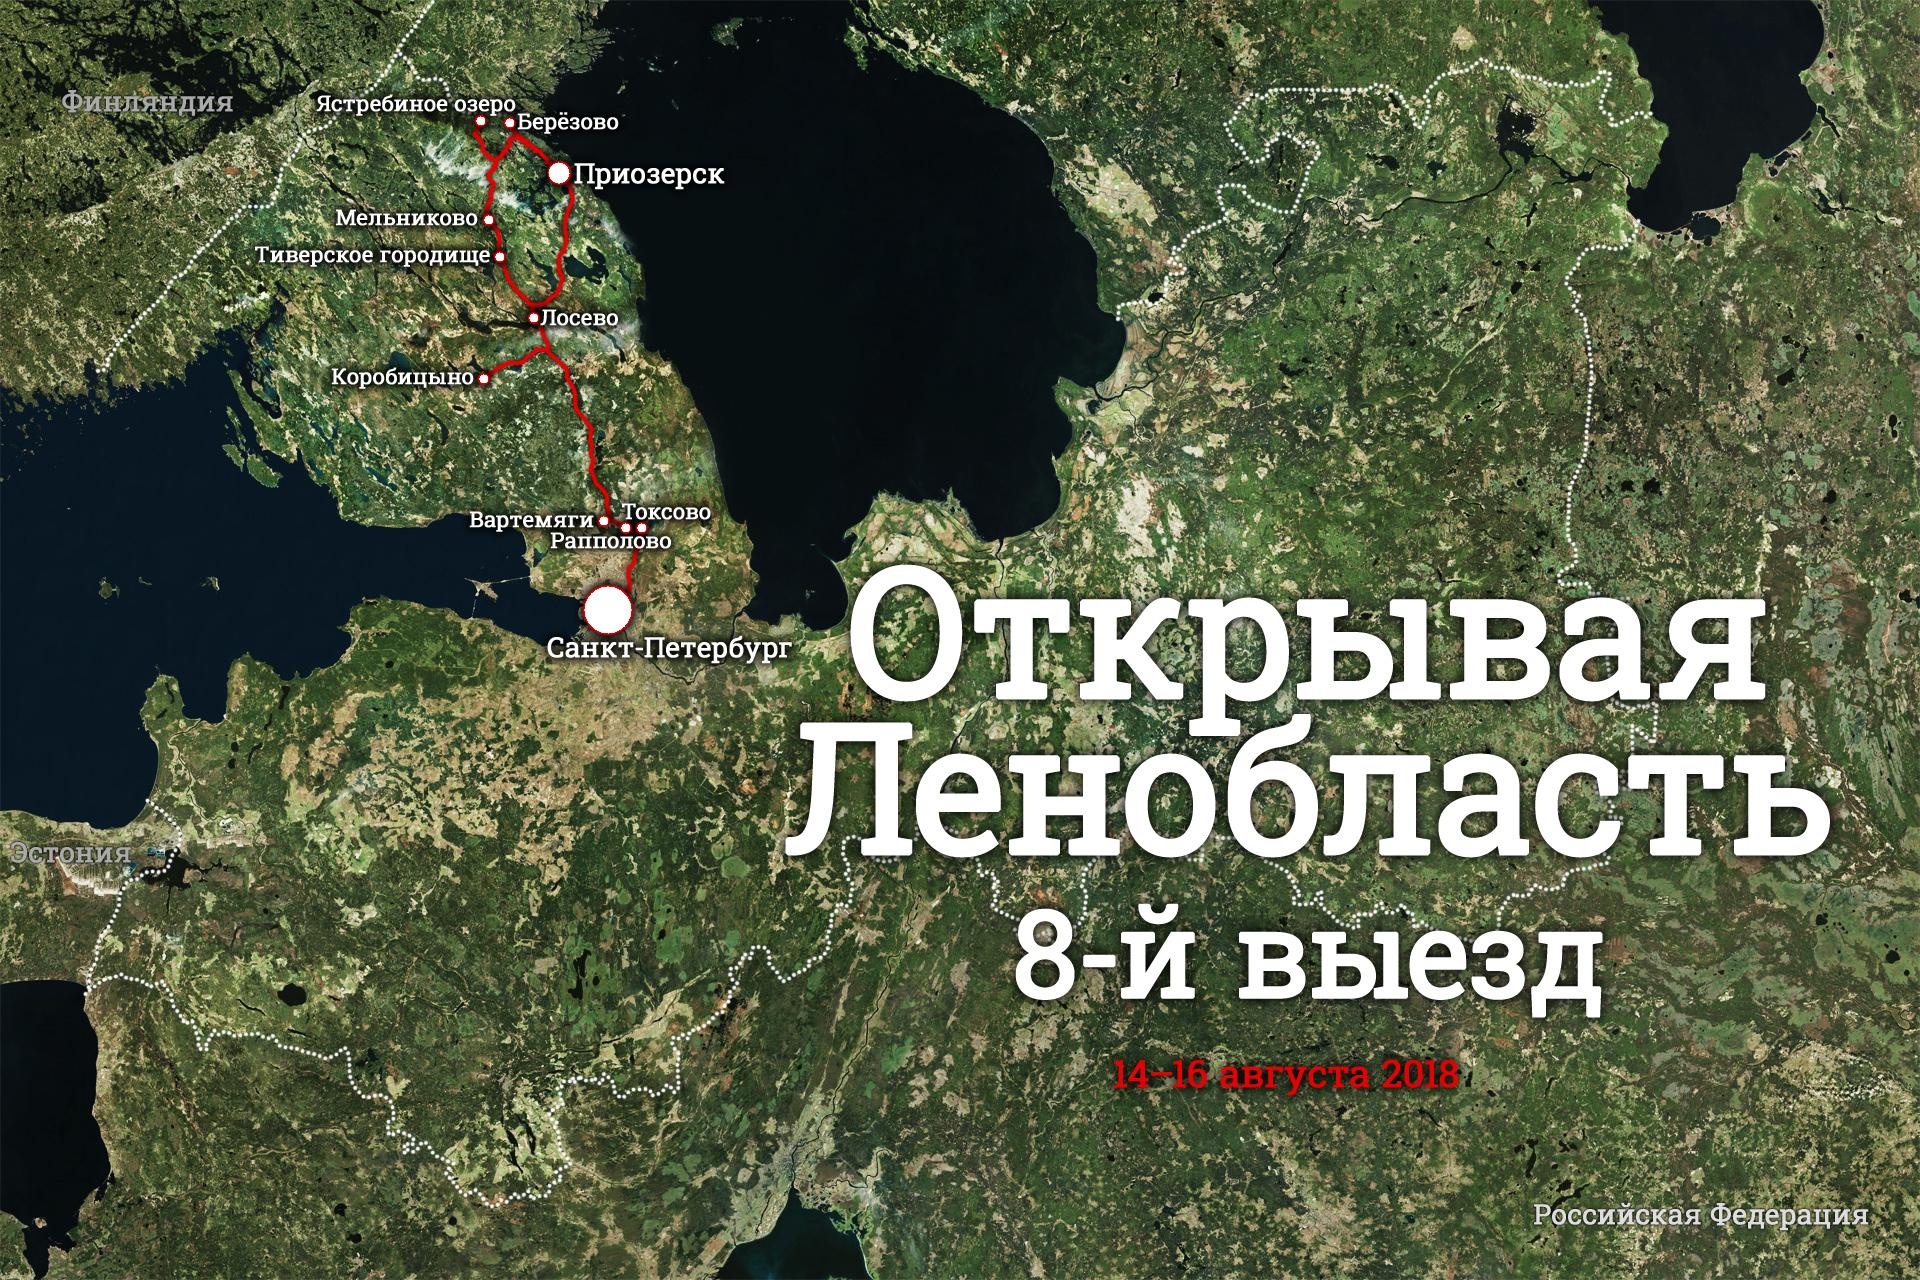 Маршрут путешествия «Открывая Ленобласть. 8-й выезд»